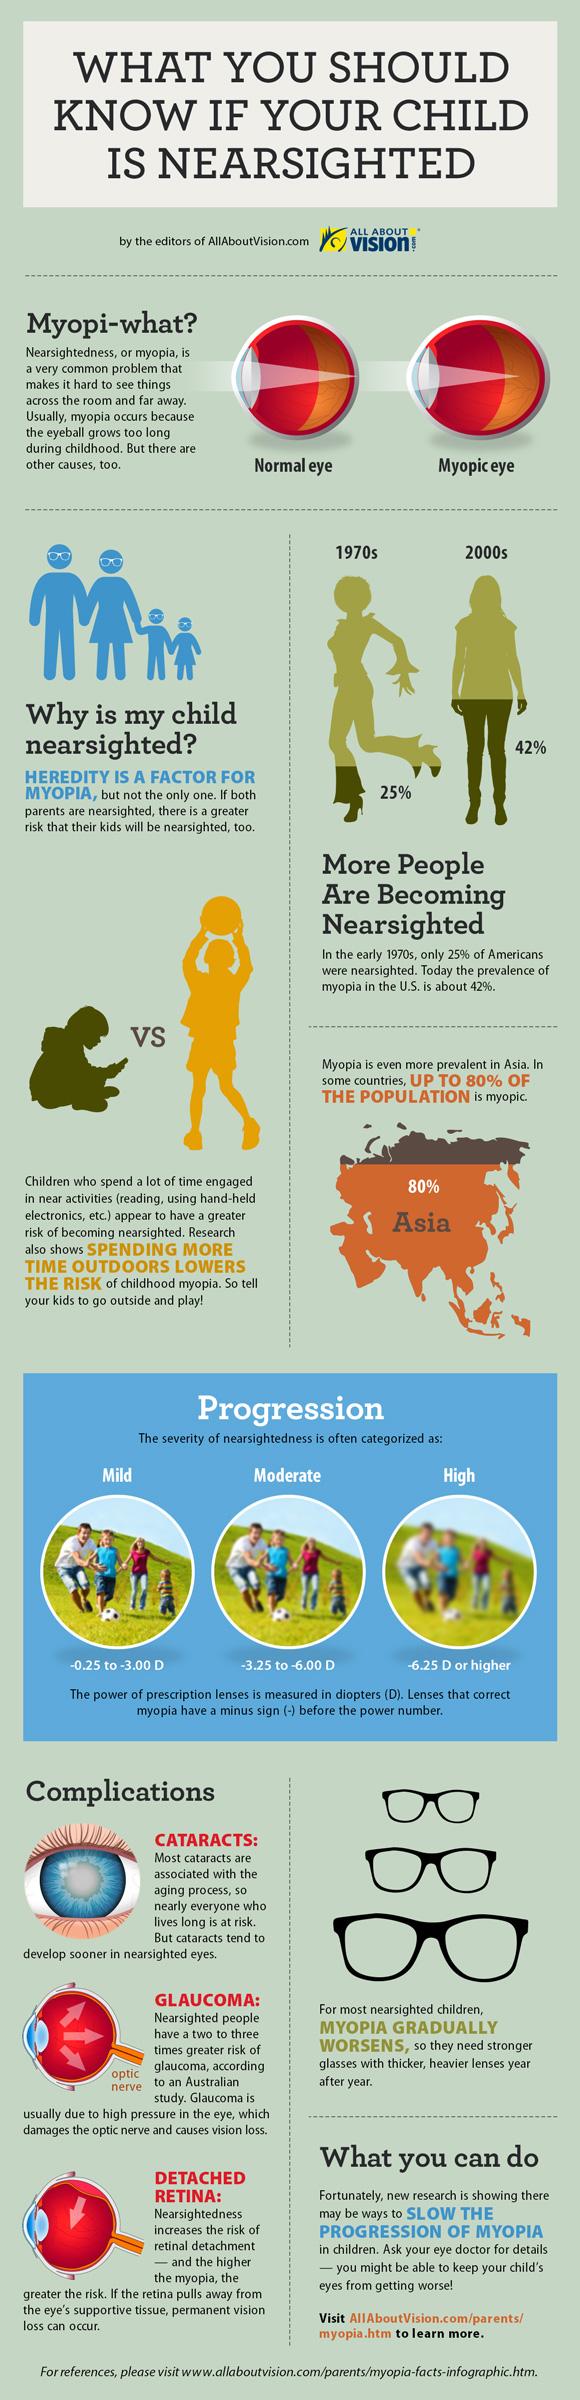 Infographic: Myopia Facts